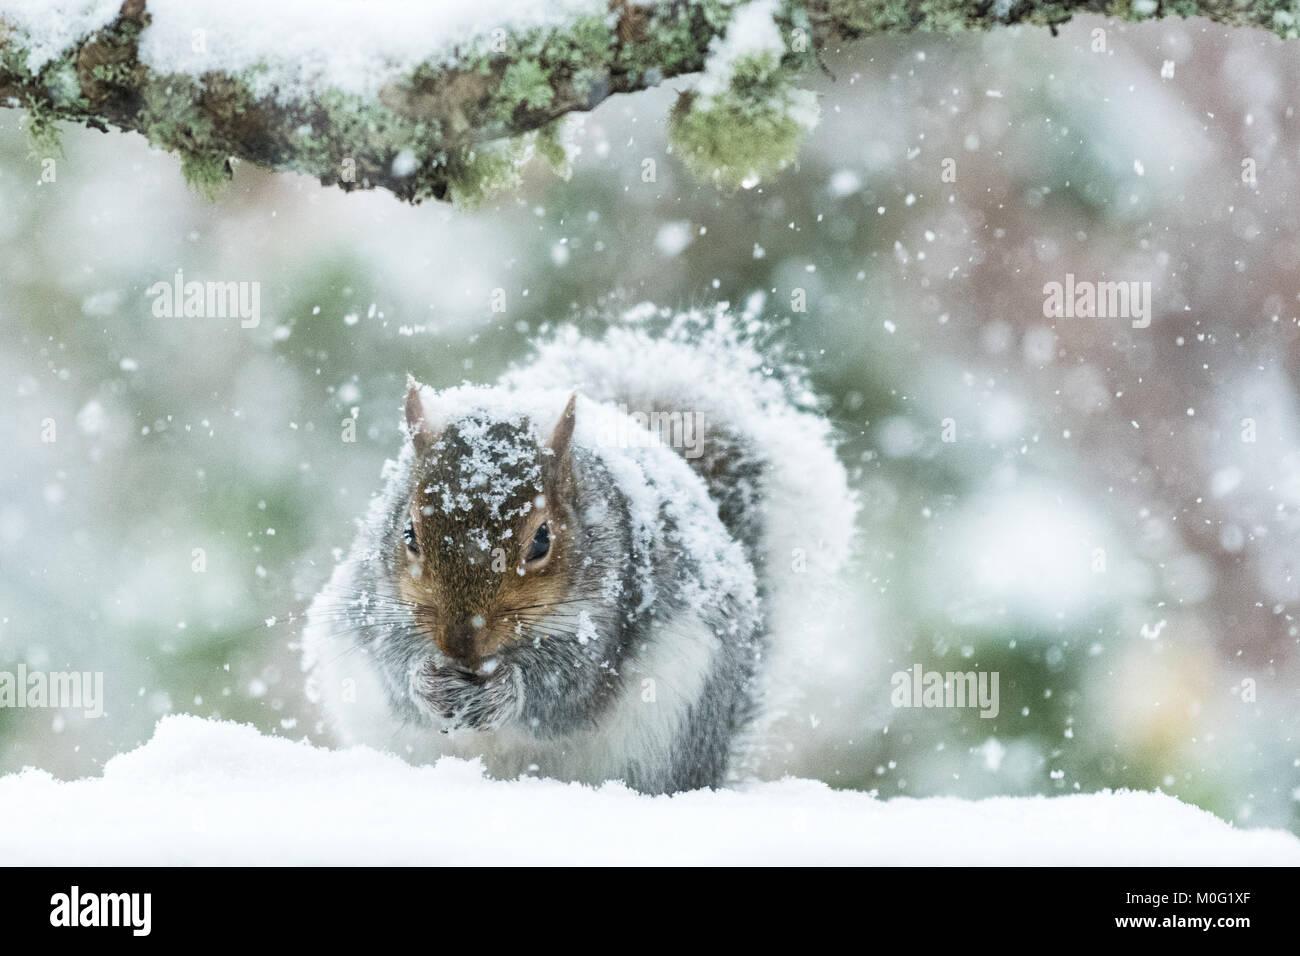 L'Écureuil gris en UK en hiver - couverts dans la neige épaisse - Écosse, Royaume-Uni Photo Stock